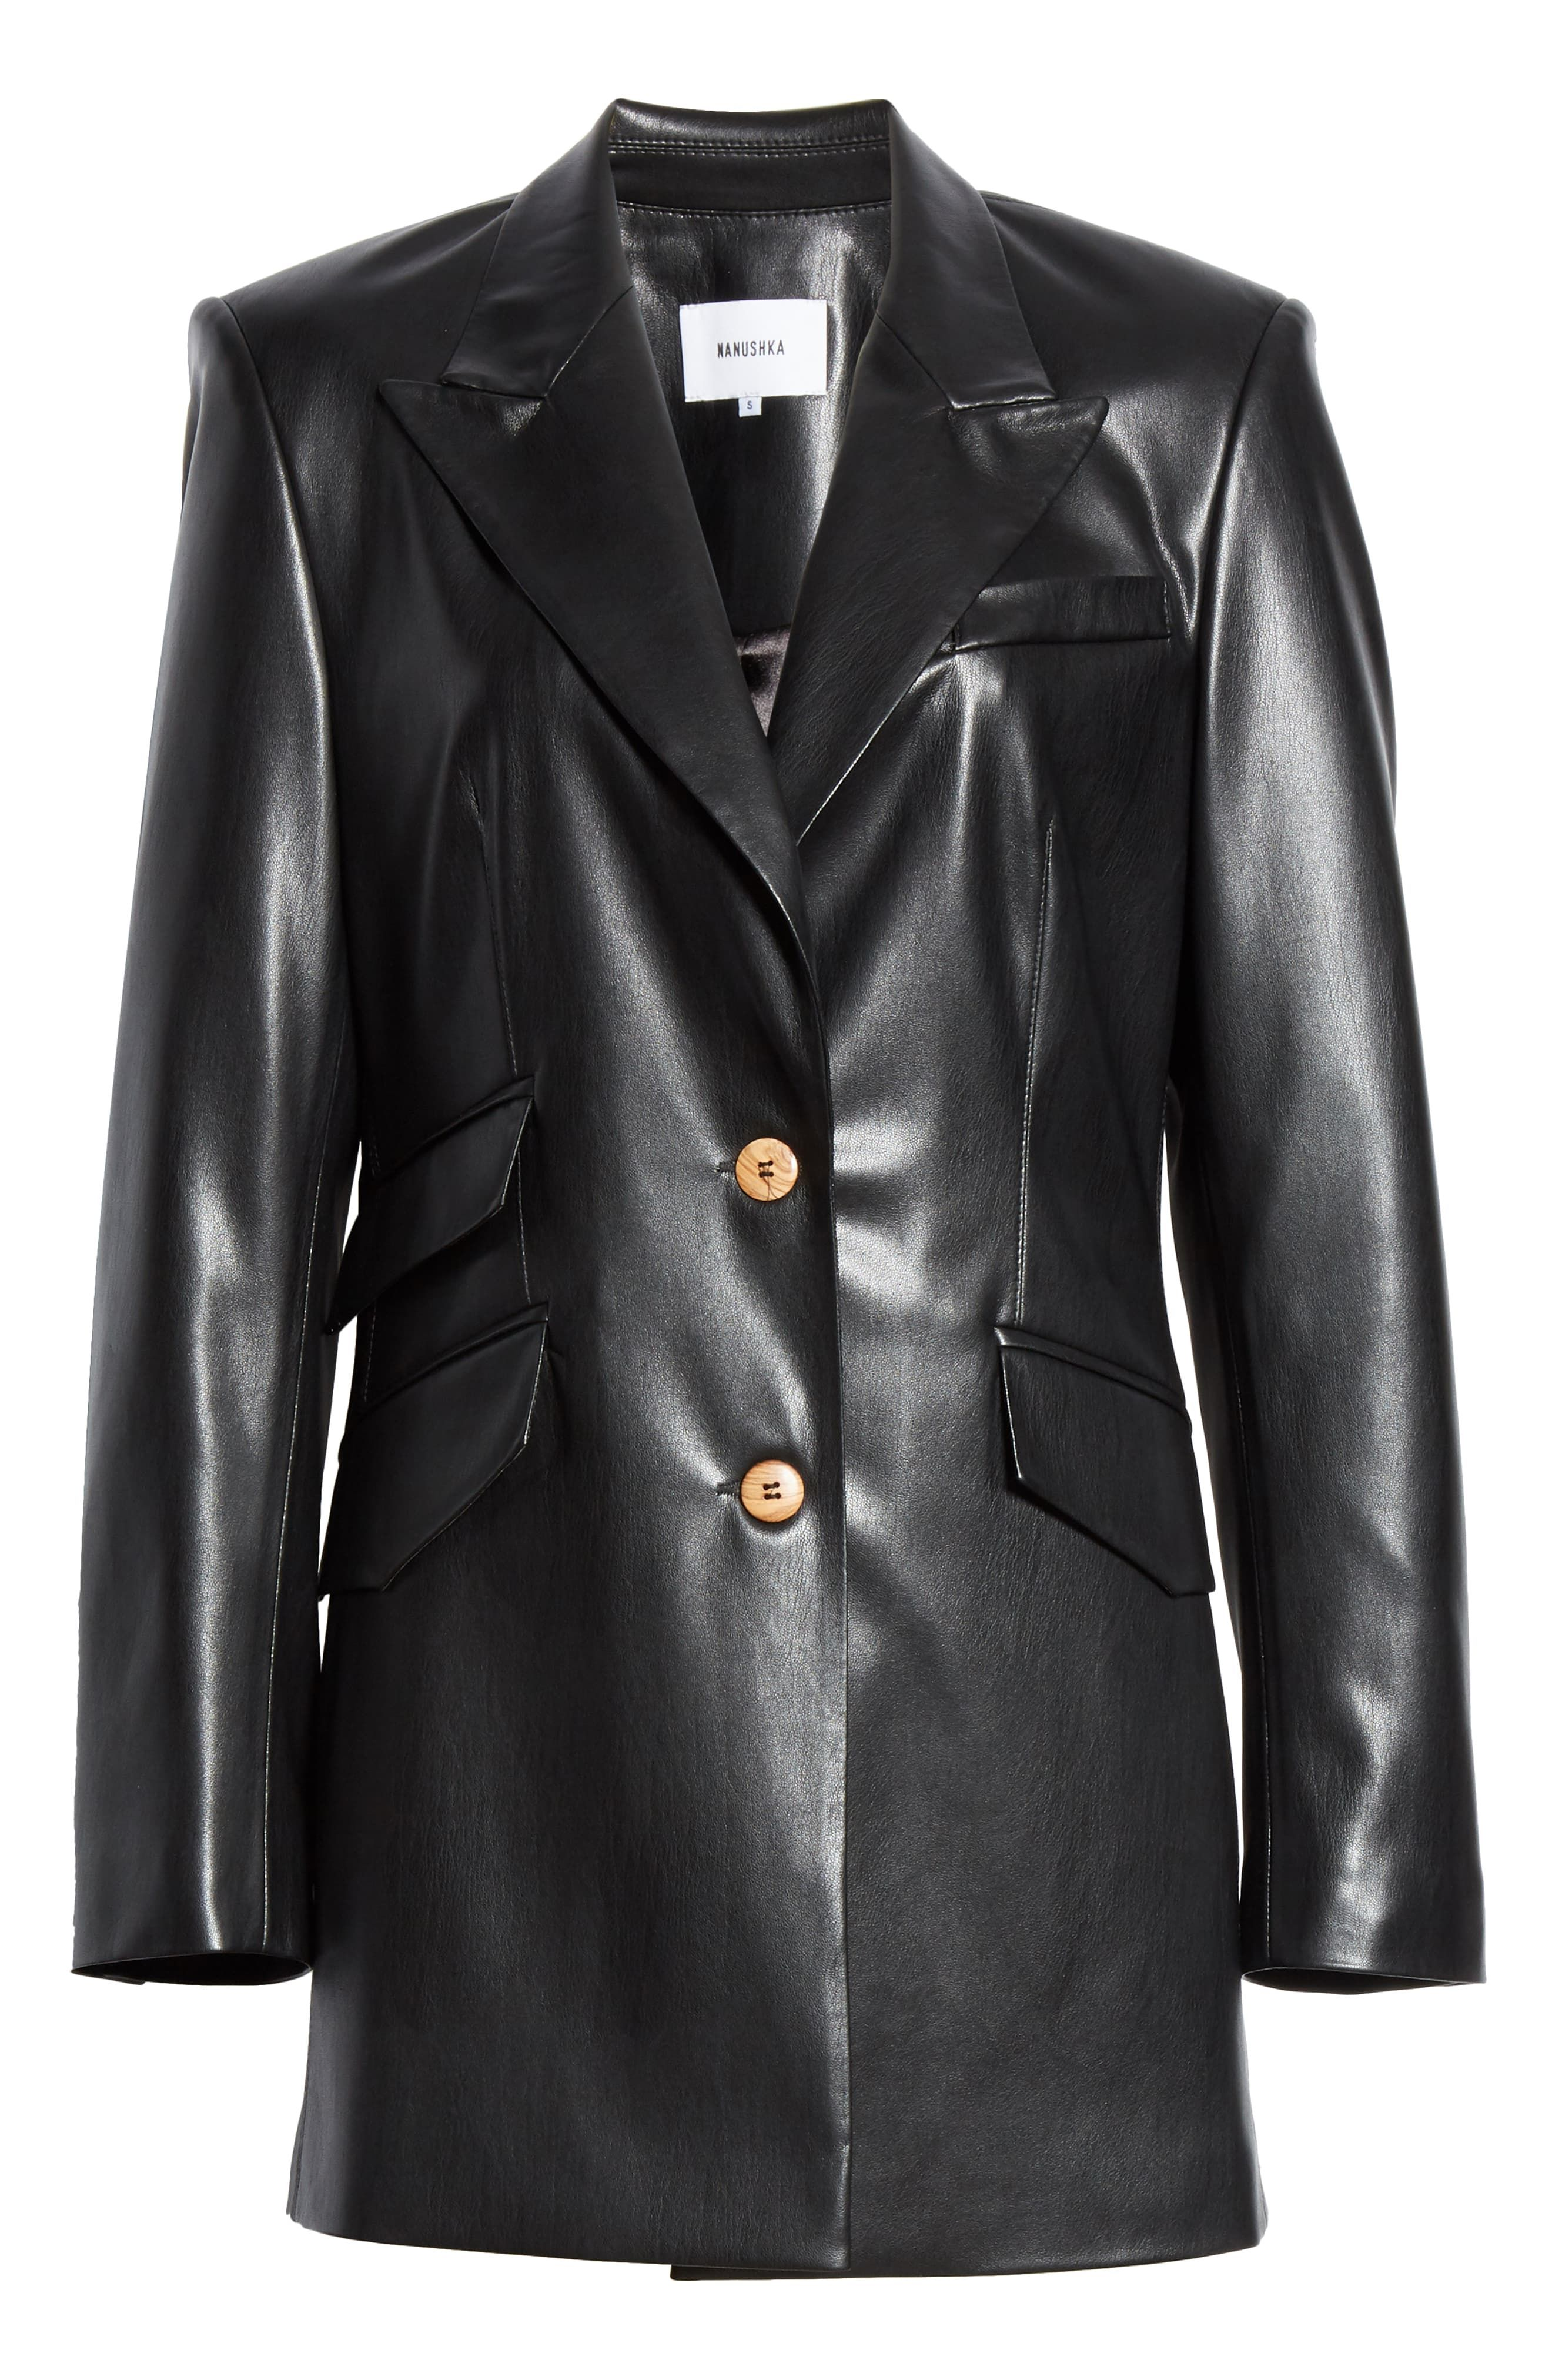 Women's leather Coat black color Key | Fall Winter Women's